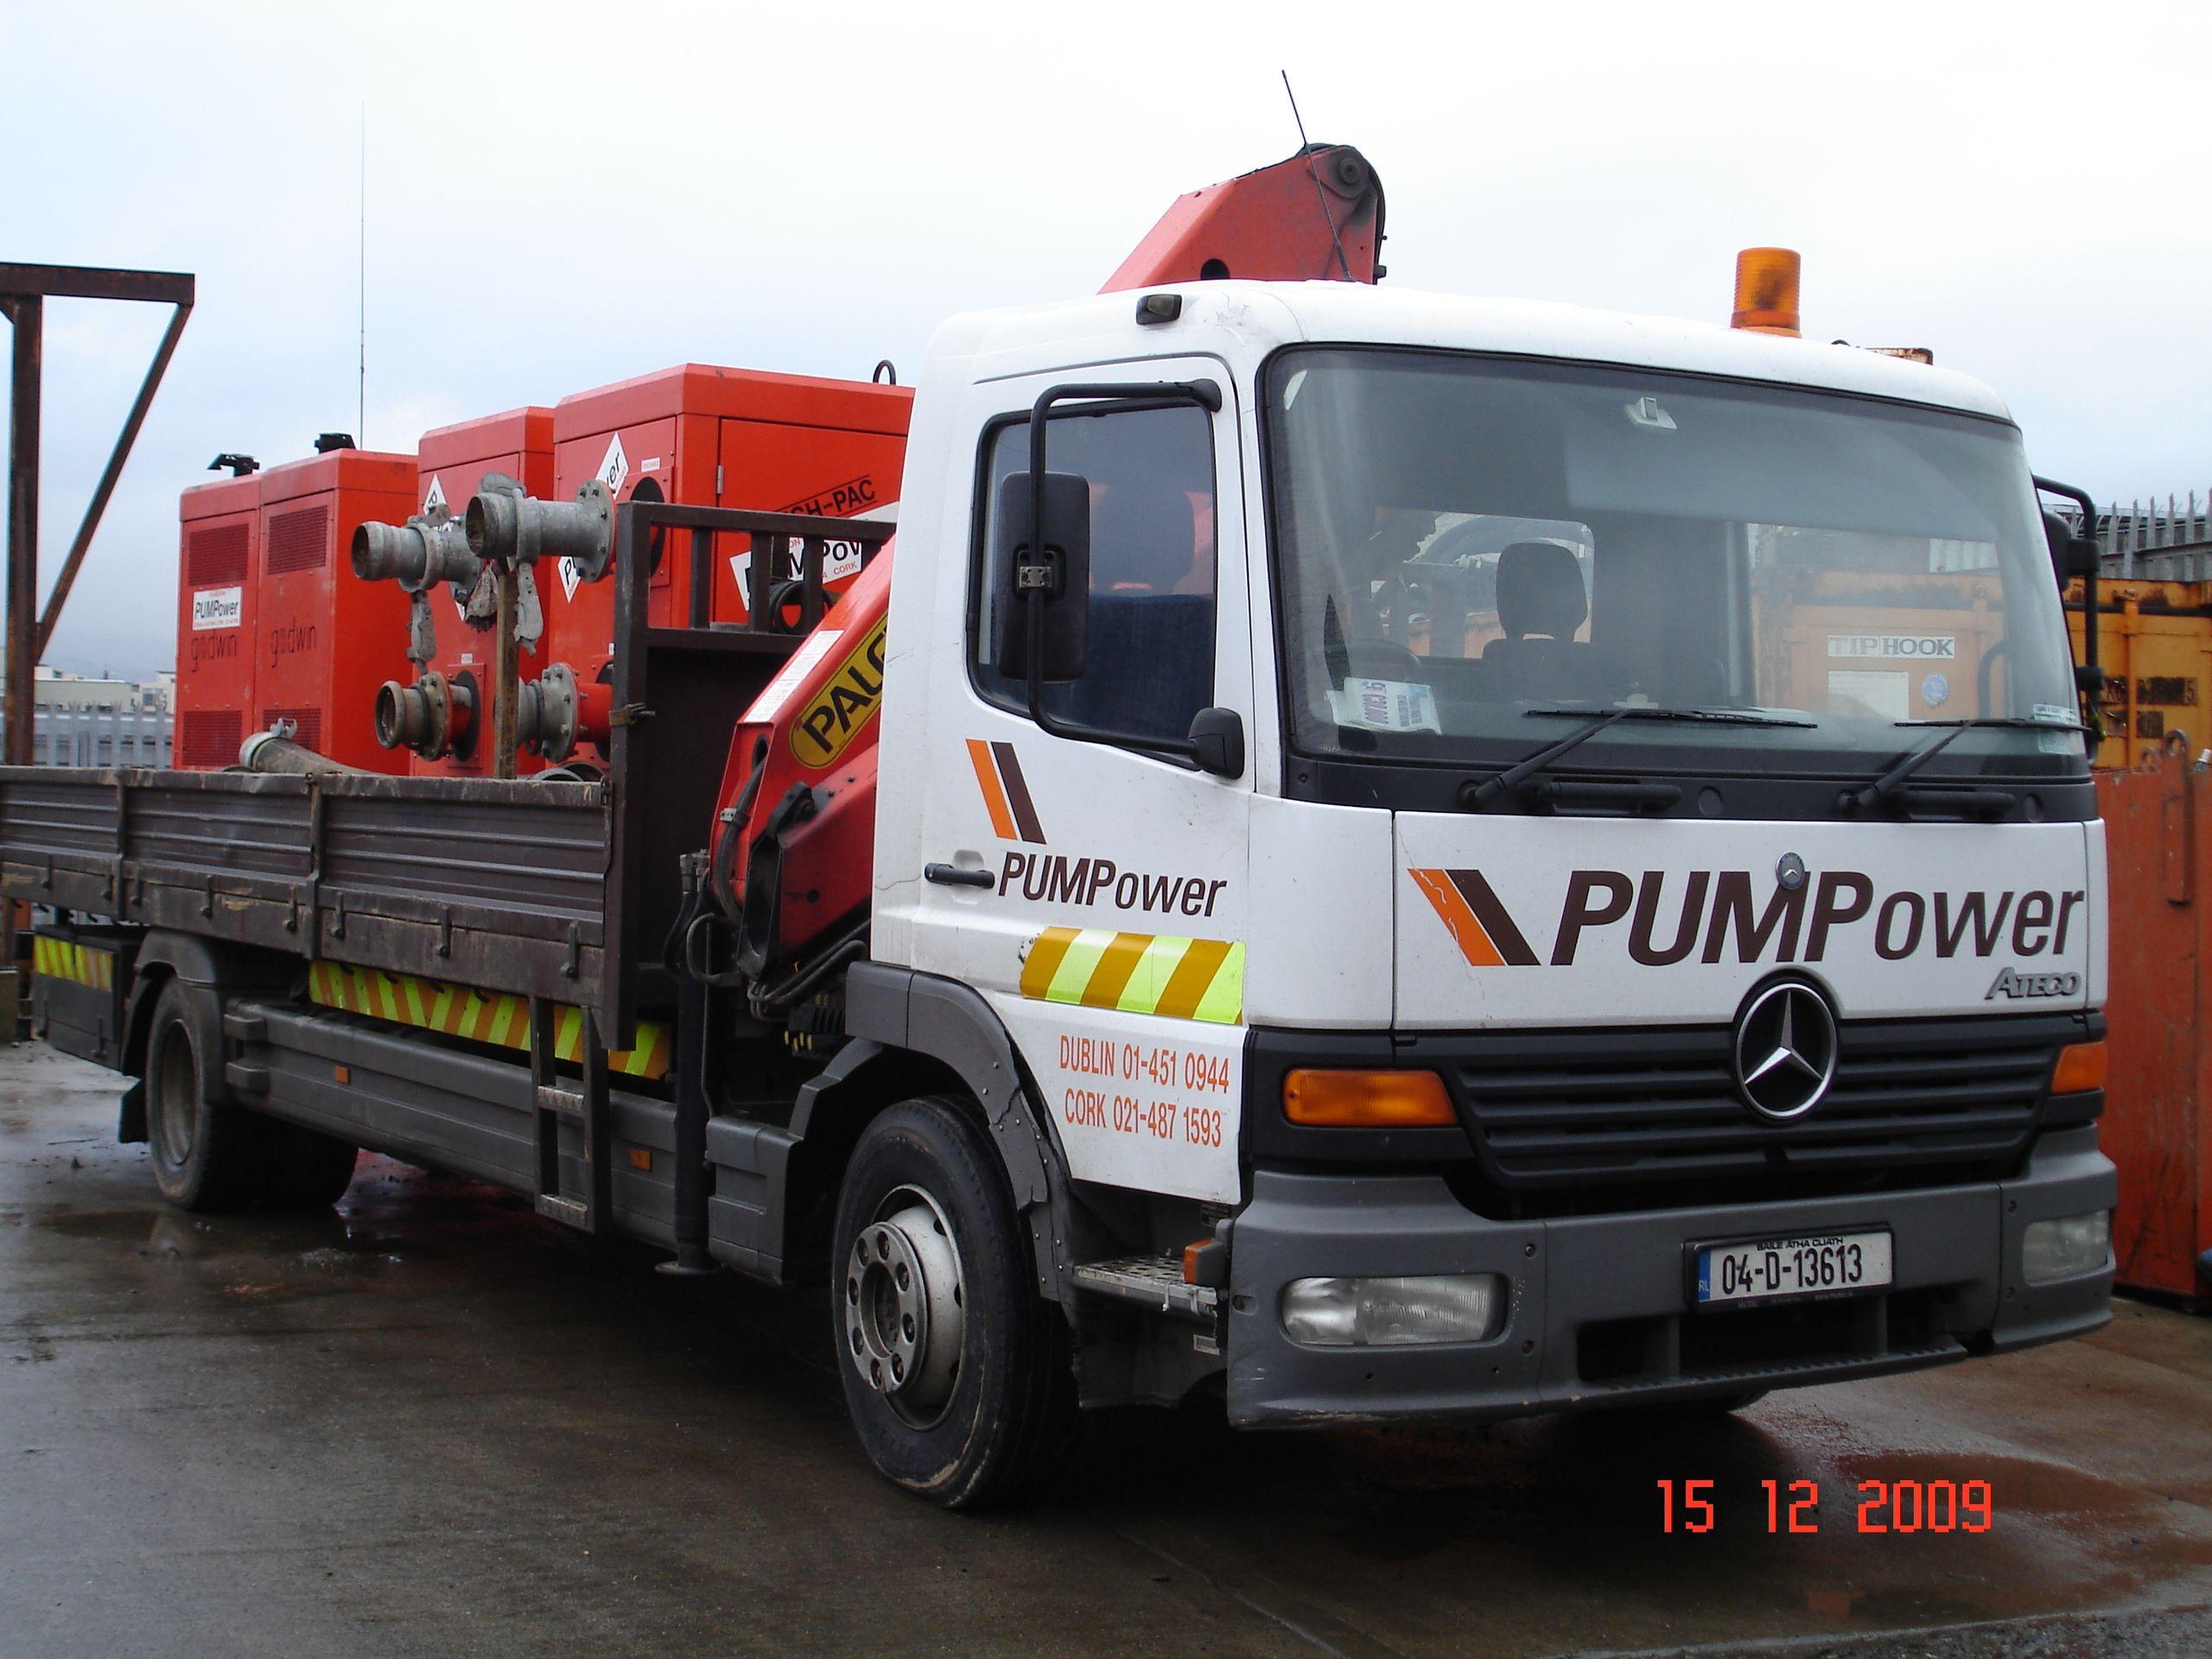 Pumpower Services Ltd 8